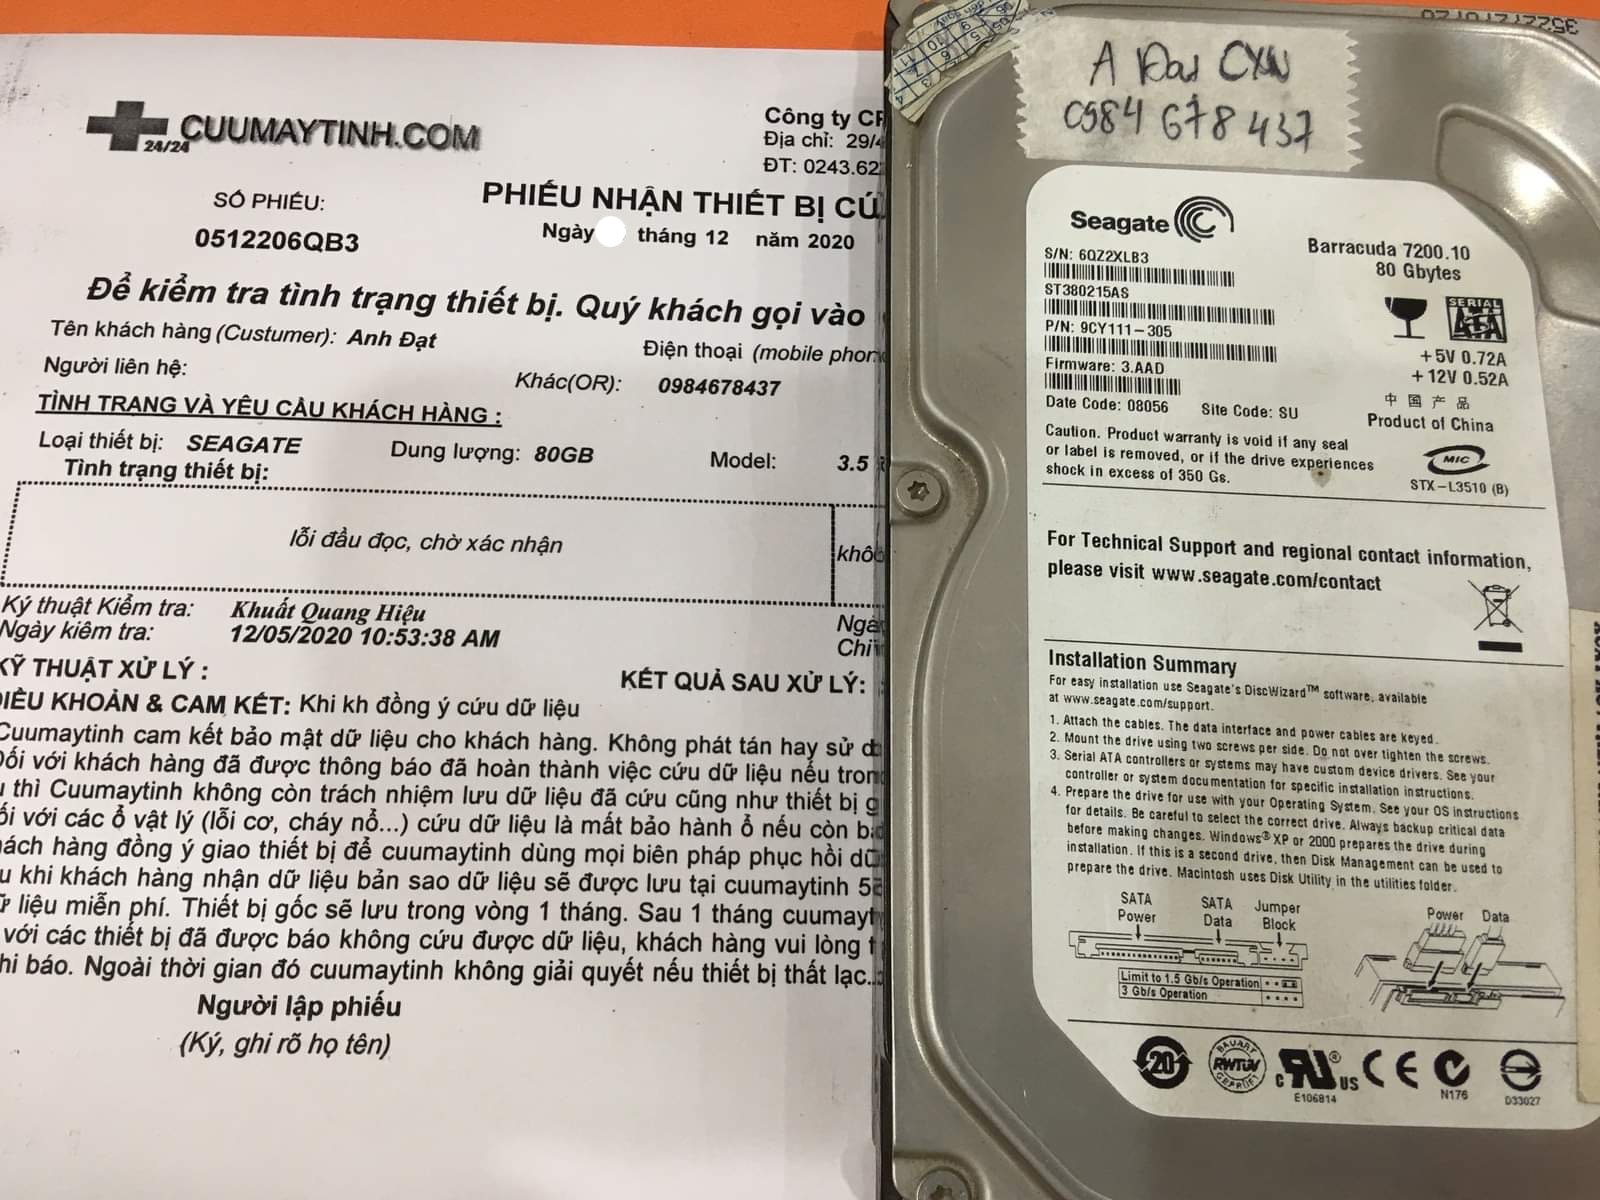 Cứu dữ liệu ổ cứng Samsung 80GB lỗi đầu đọc - 07/12/2020 - cuumaytinh